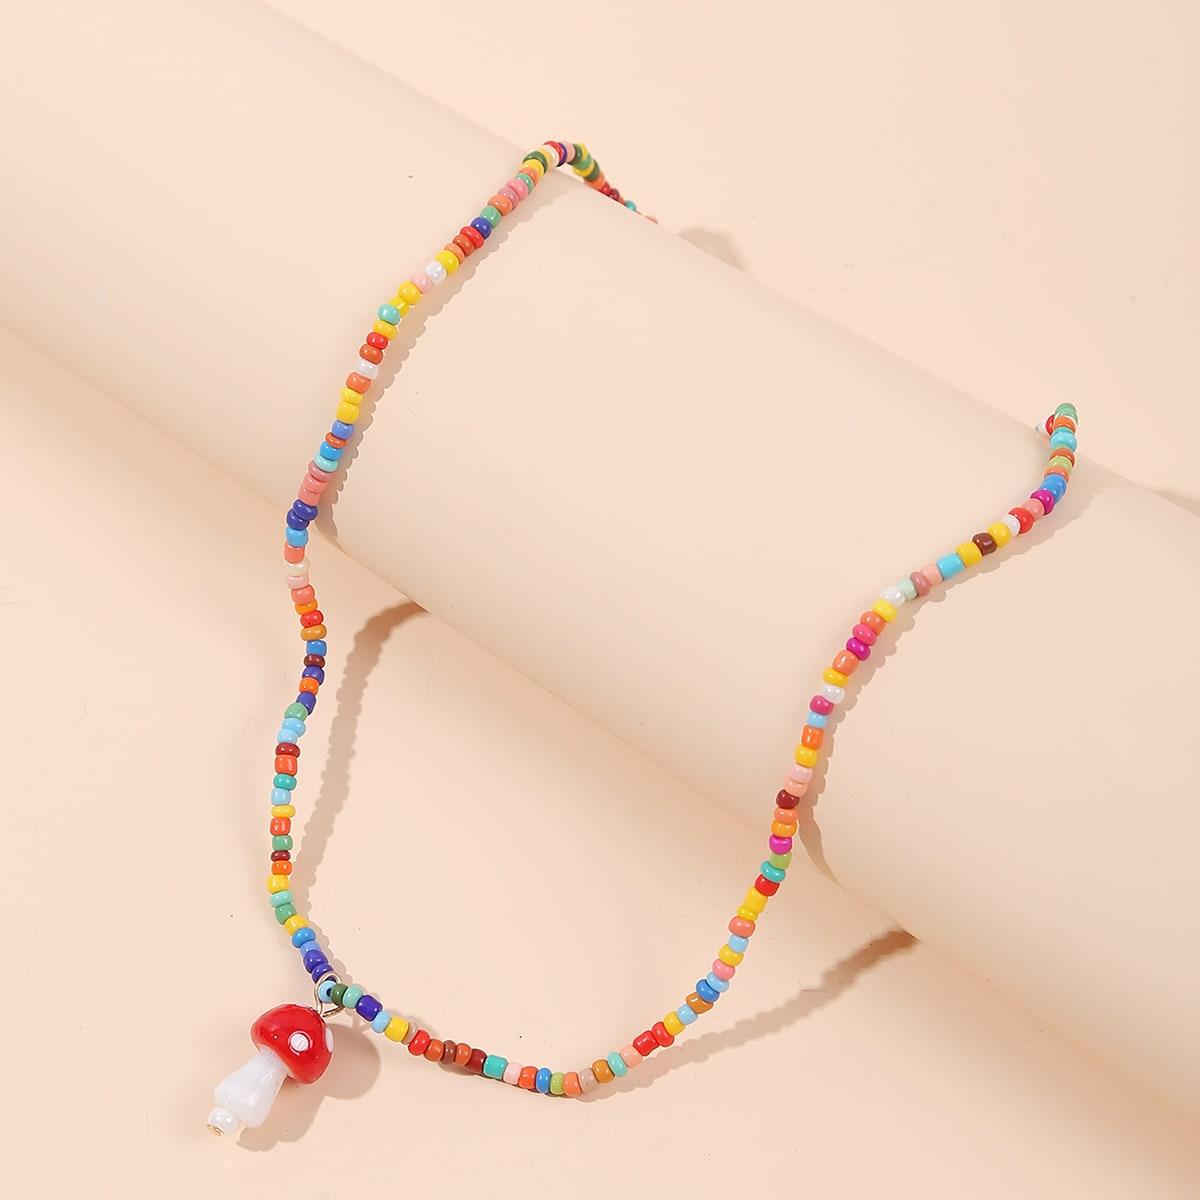 Mädchen Halskette mit Pilz Anhänger